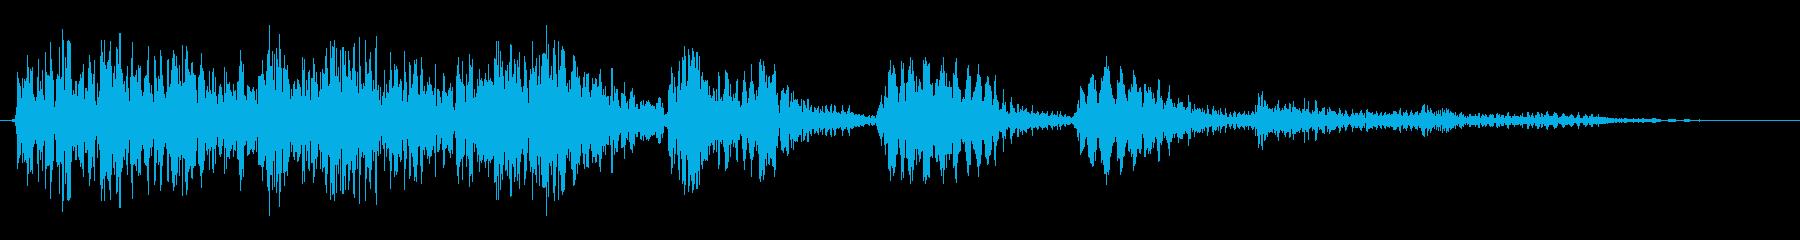 インパクトがあり伸びやかな効果音の再生済みの波形